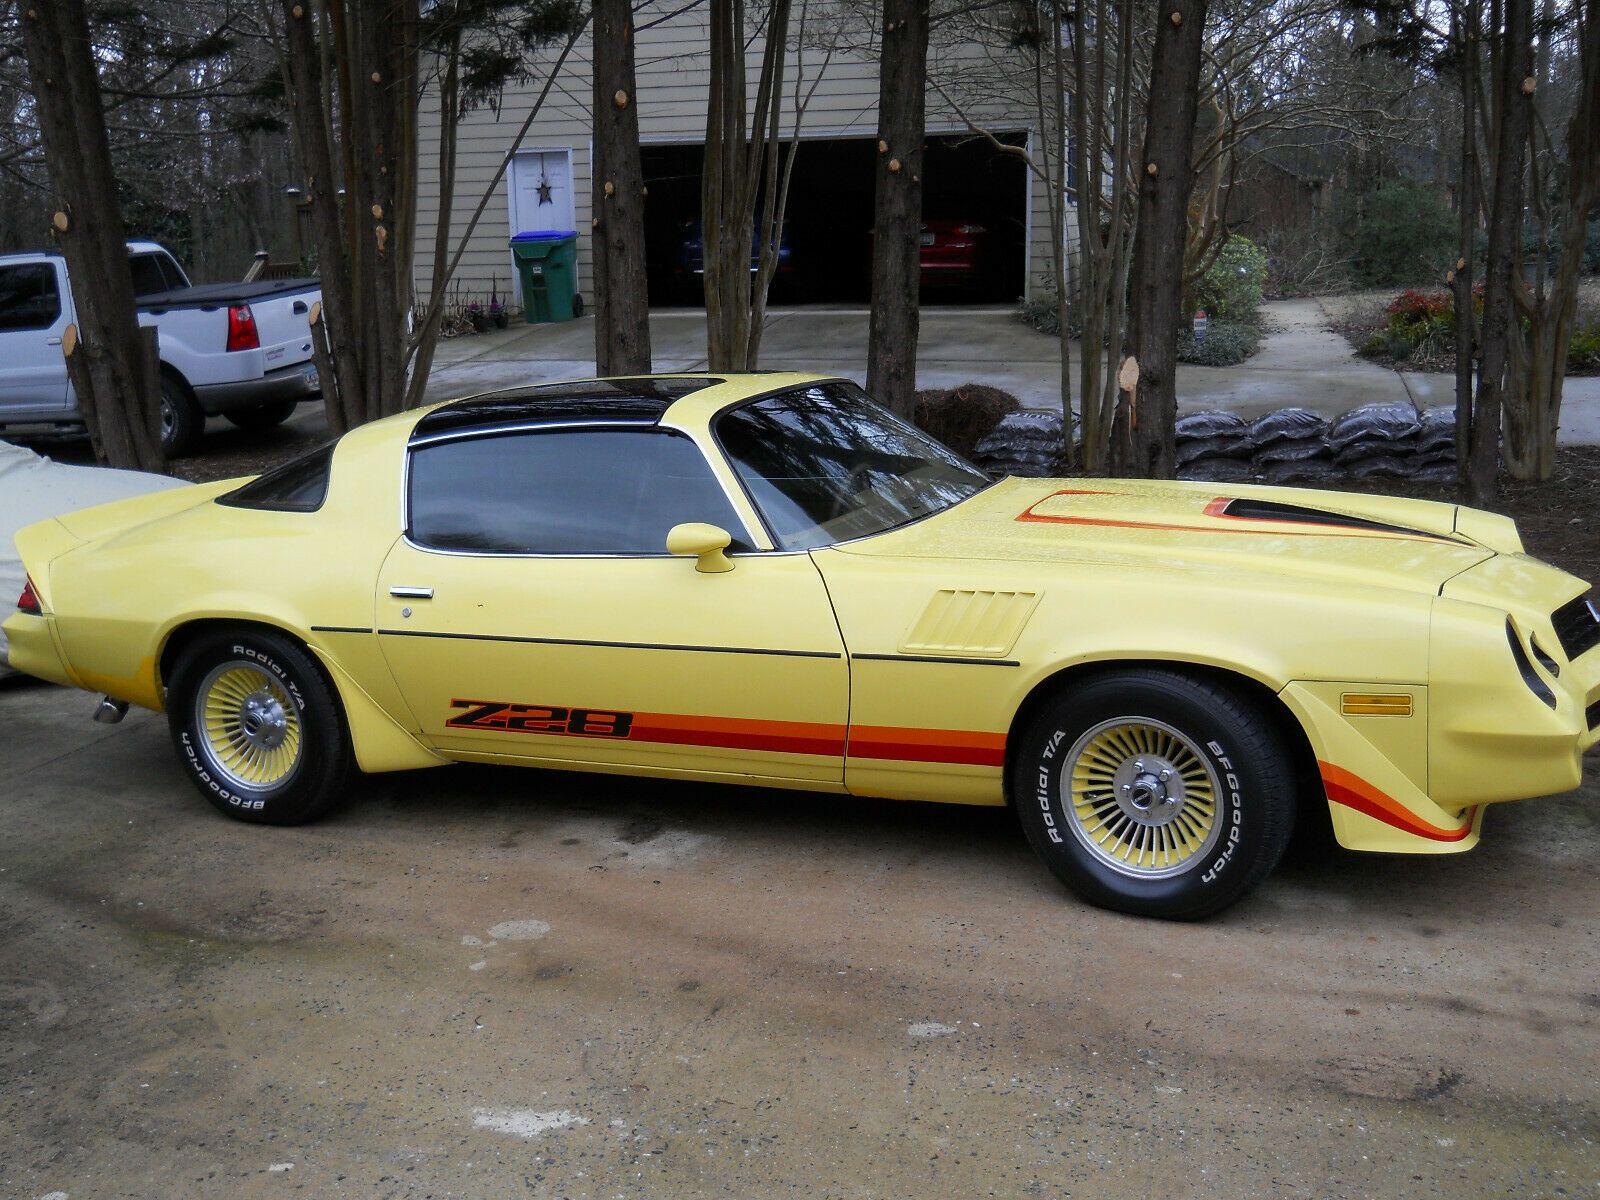 1979 Chevrolet Camaro Z28 T Tops Price Us 15 000 Chevrolet